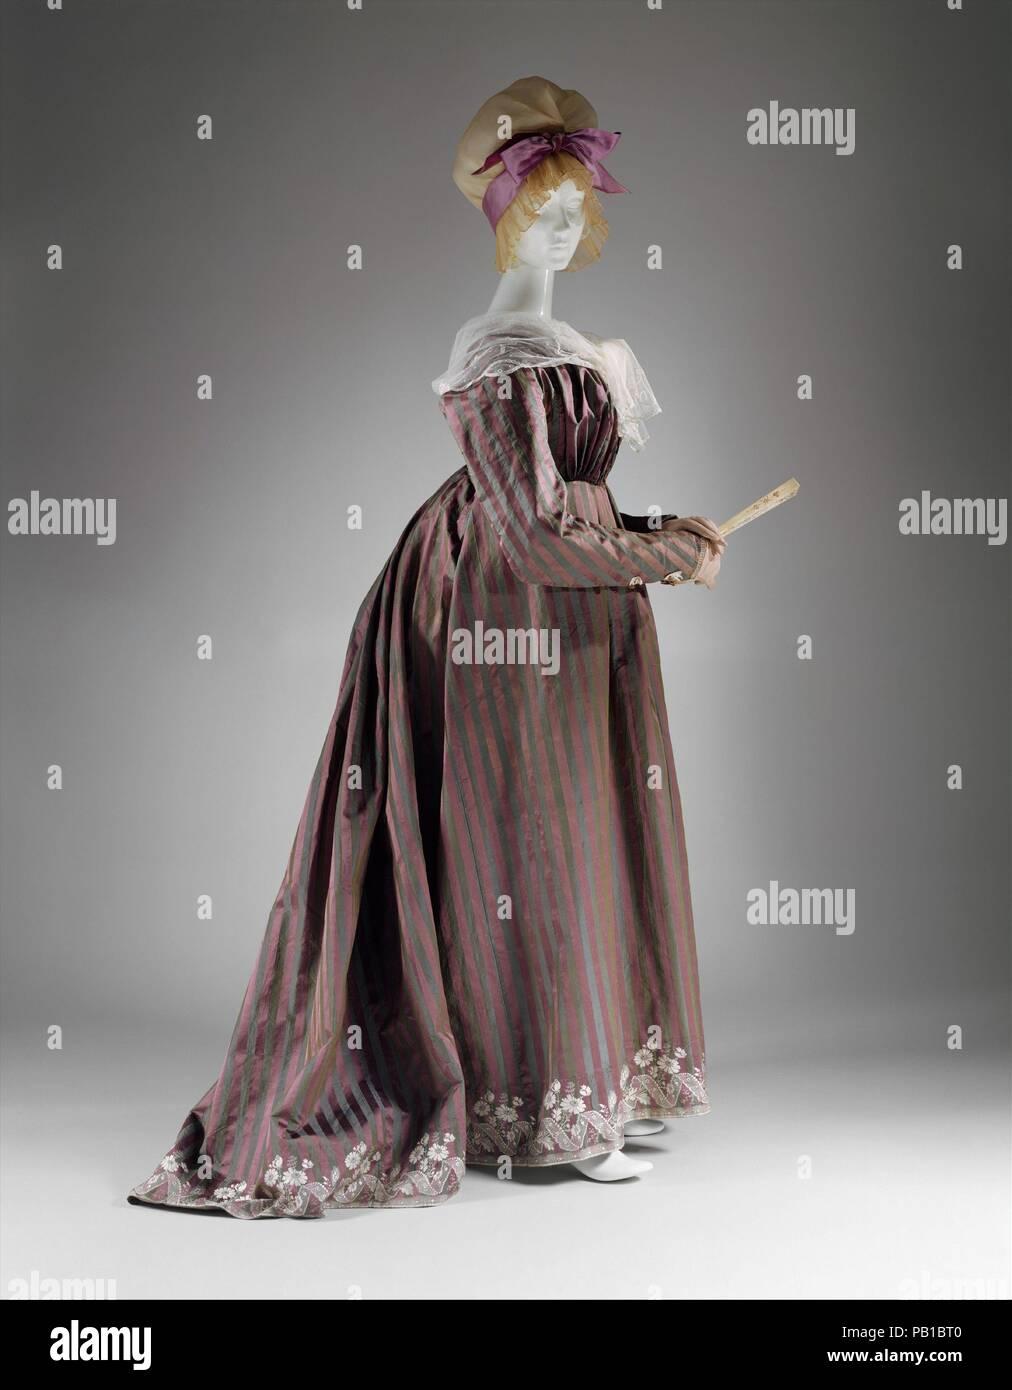 Runde Kleid Kultur Italienisch Datum Ca 1795 Von Den 1790er Jahren Die Struktur Der Kleidung War Sich Dramatisch Andern Am Nachmittag Kleid In Form Eines Runden Kleid Halt Sich Standhaft Den Schein